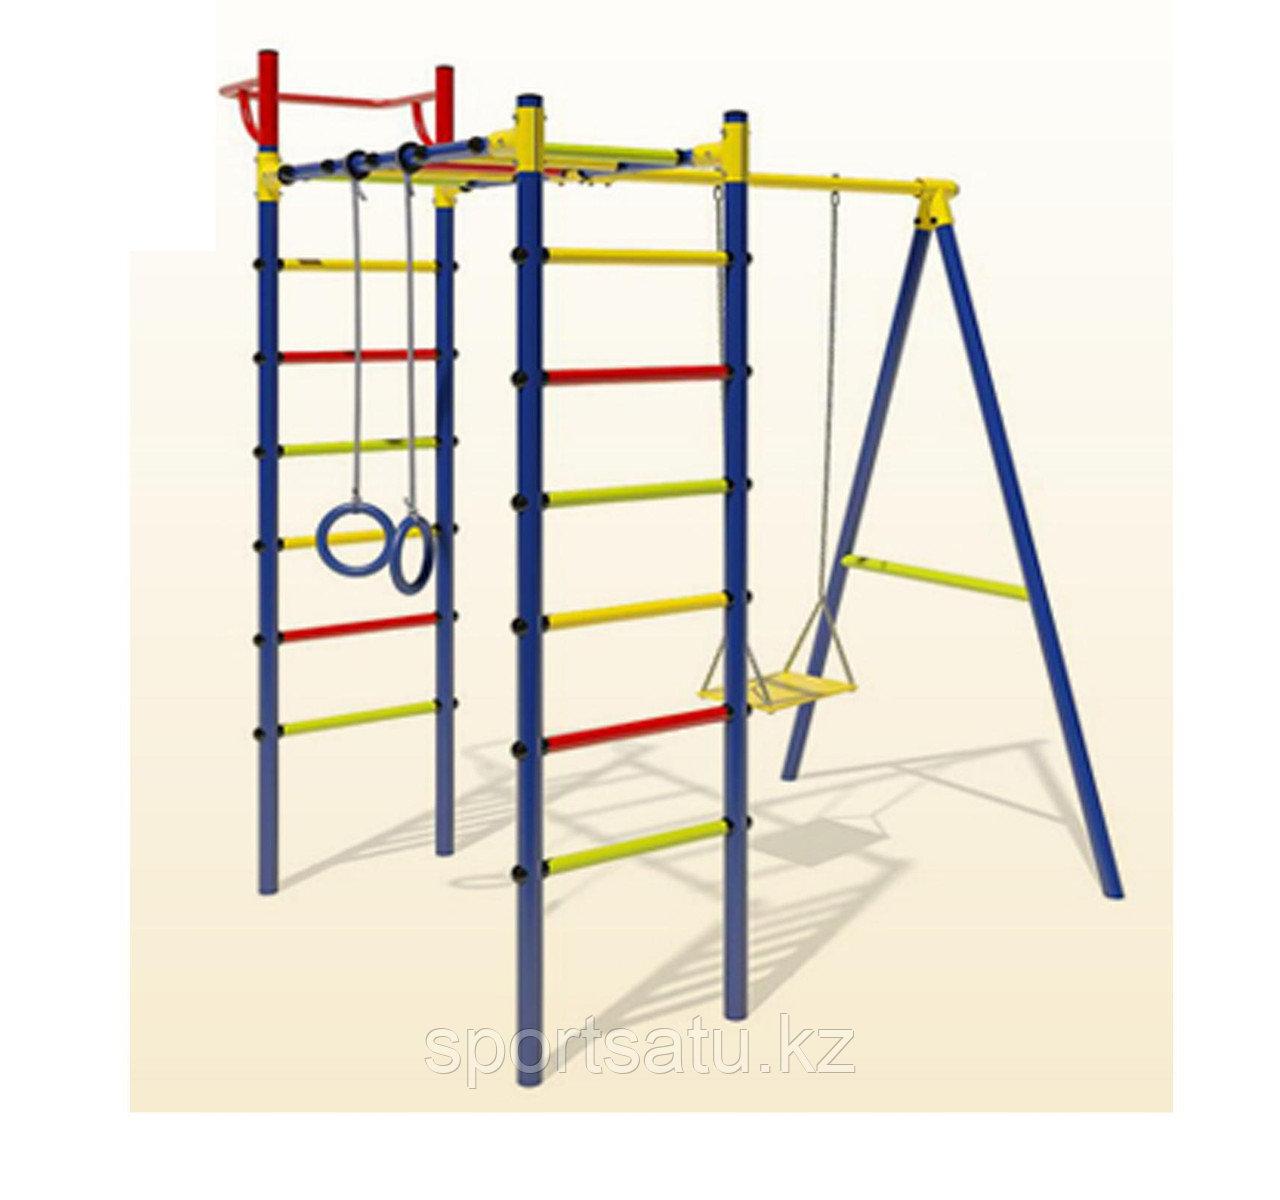 Детский спортивный комплекс Маугли 14-01 1,65м качели